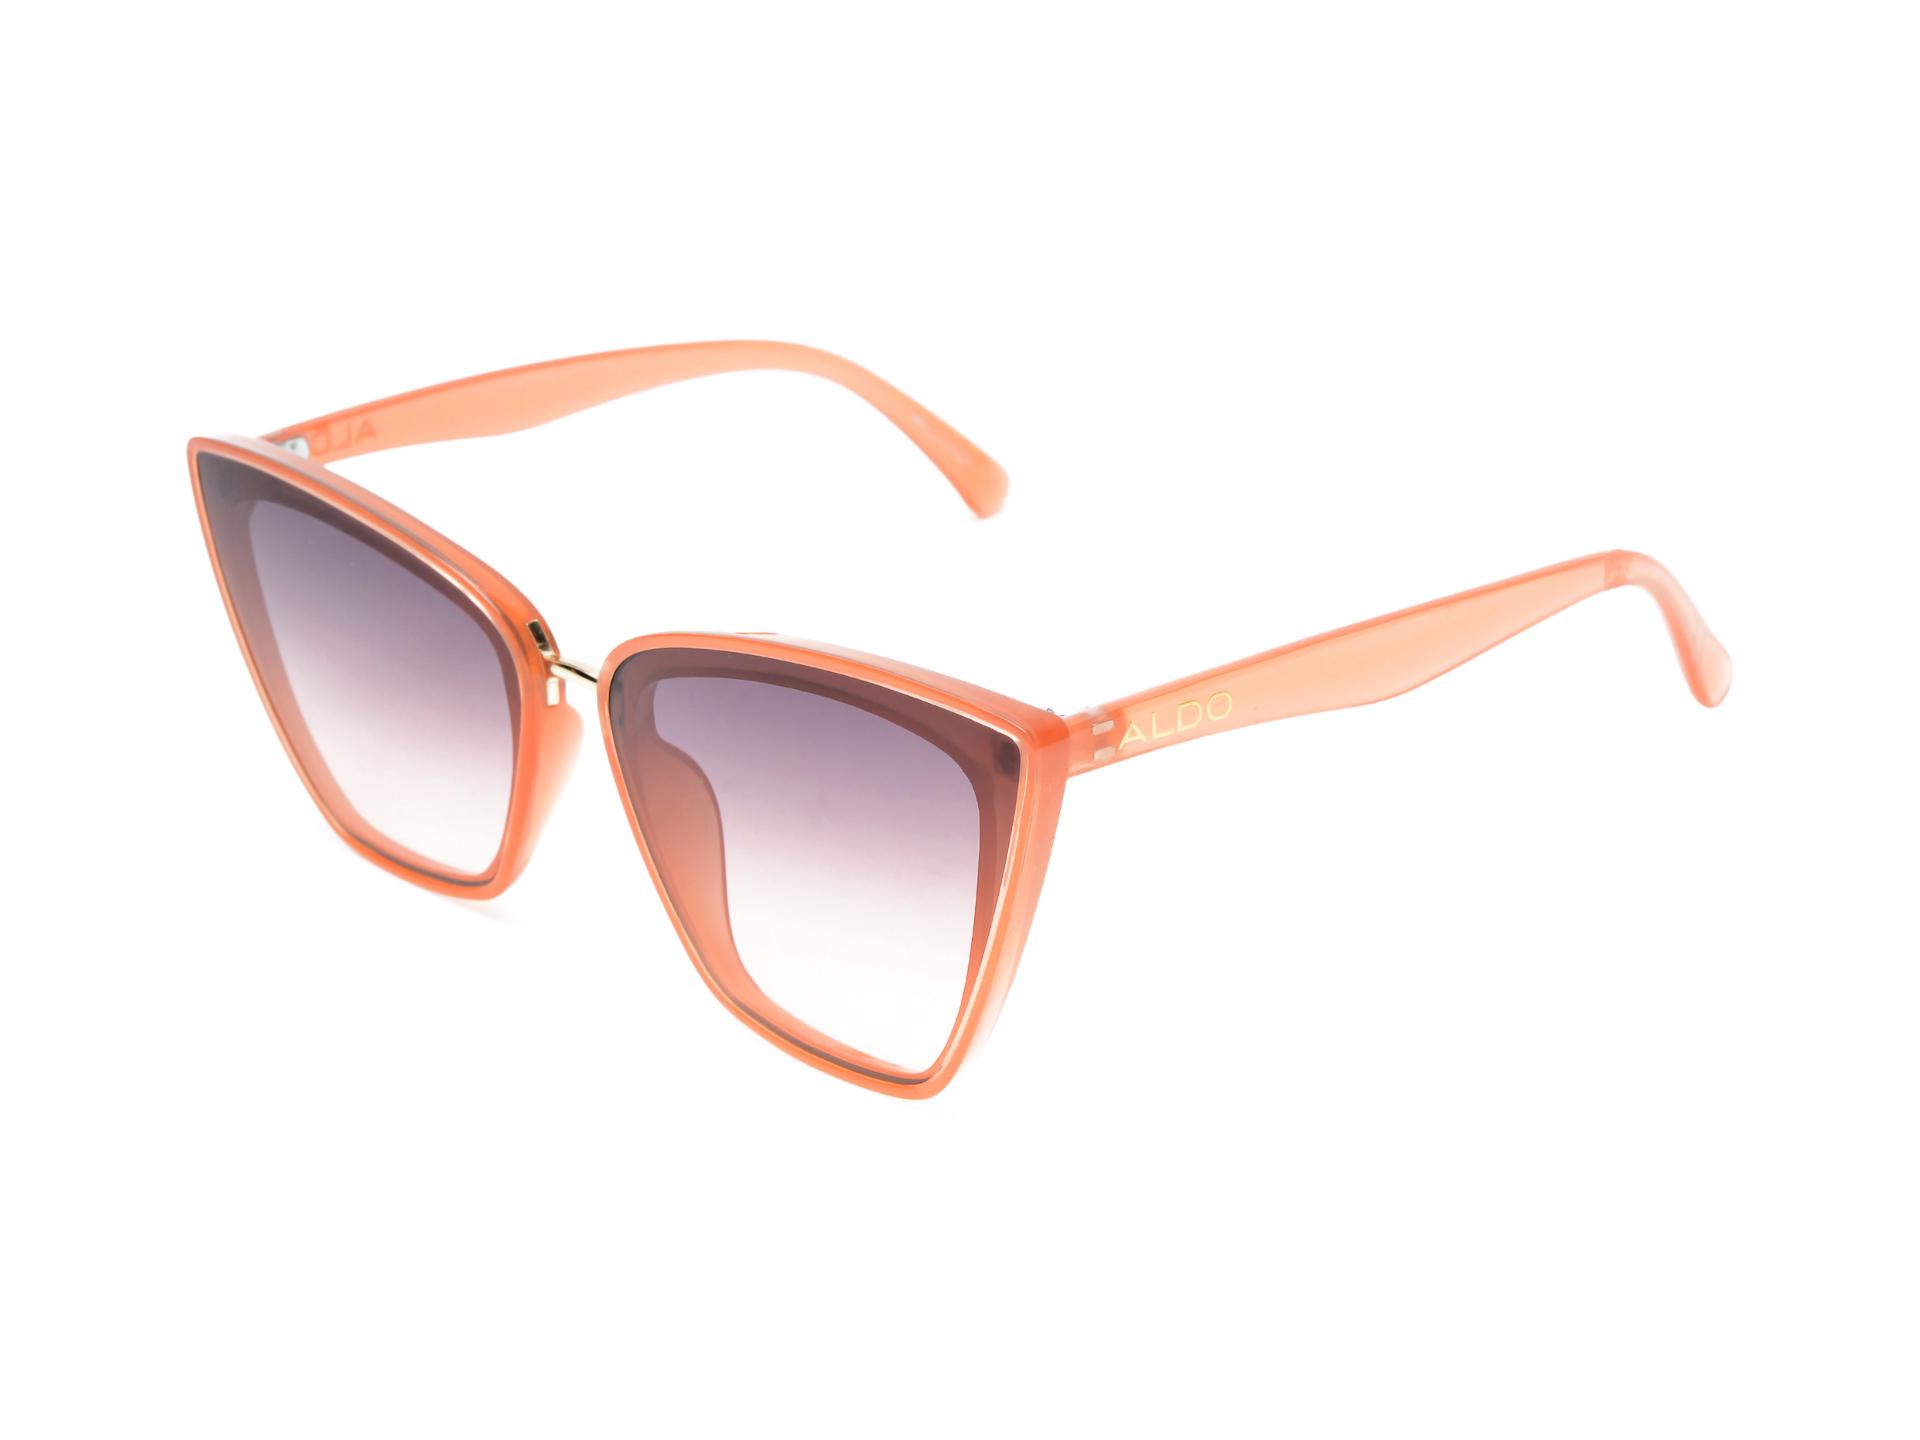 Ochelari de soare ALDO portocalii, Afalendra830, din pvc imagine